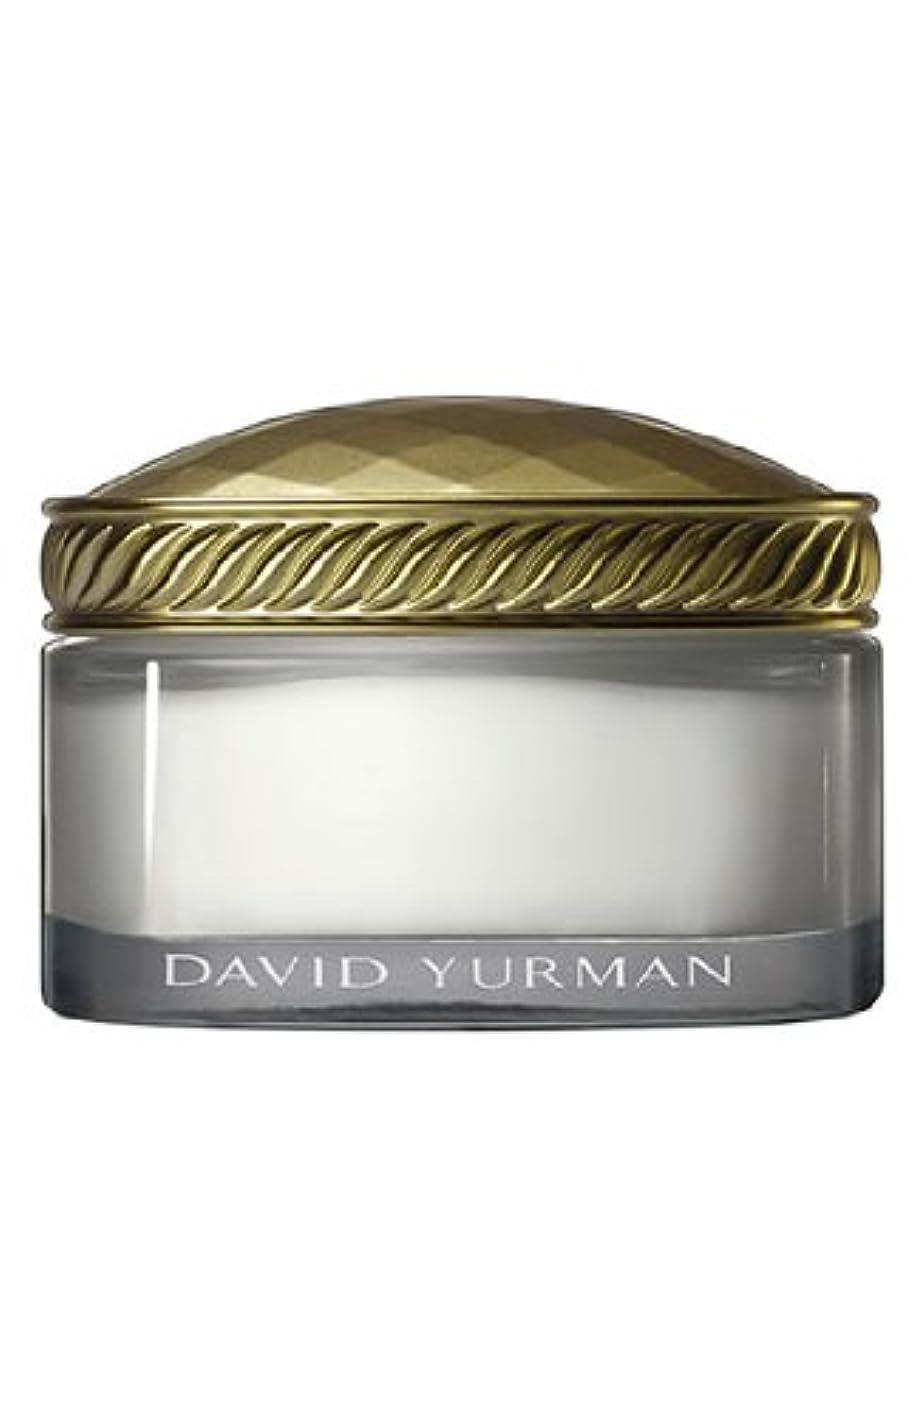 前文信者下線David Yurman (デイビッド ヤーマン) 6.7 oz (100ml) Luxurious Body Cream (箱なし) for Women